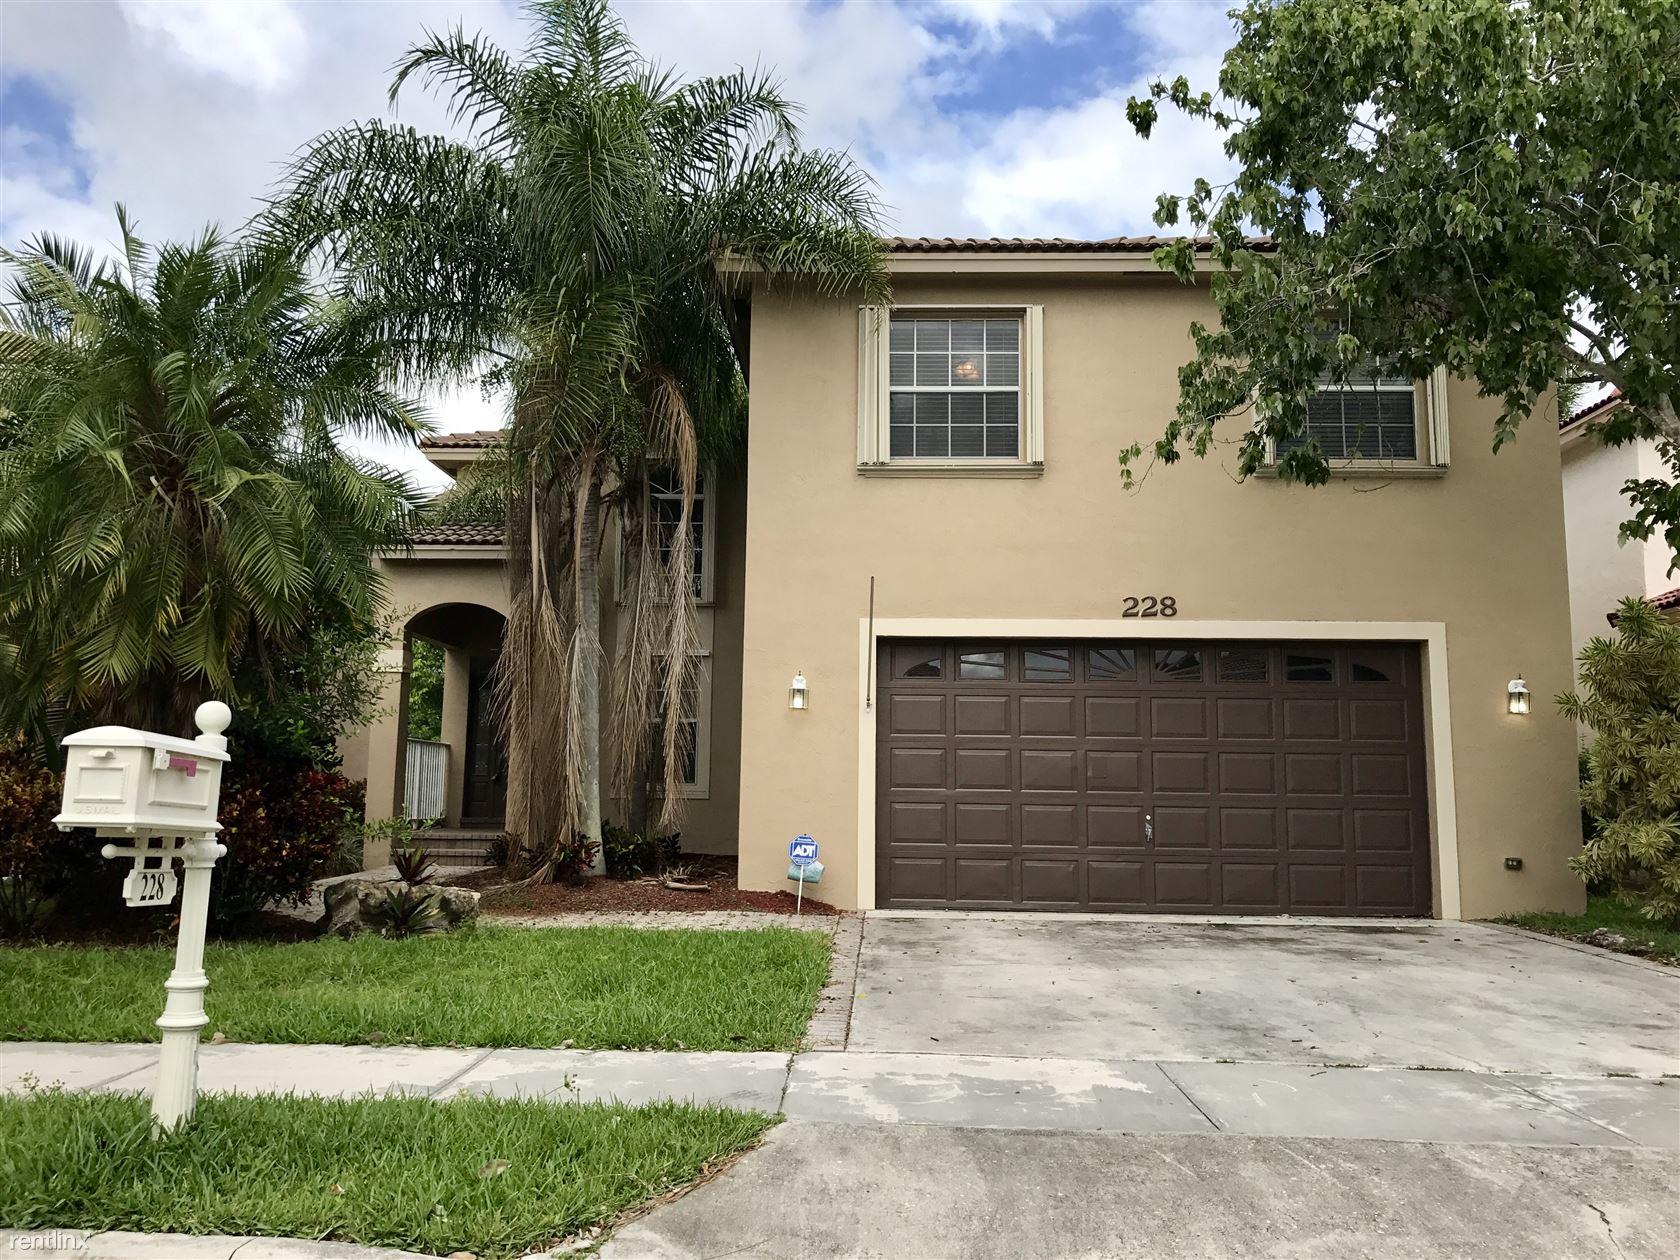 230 La Costa Way, Weston, FL - $2,850